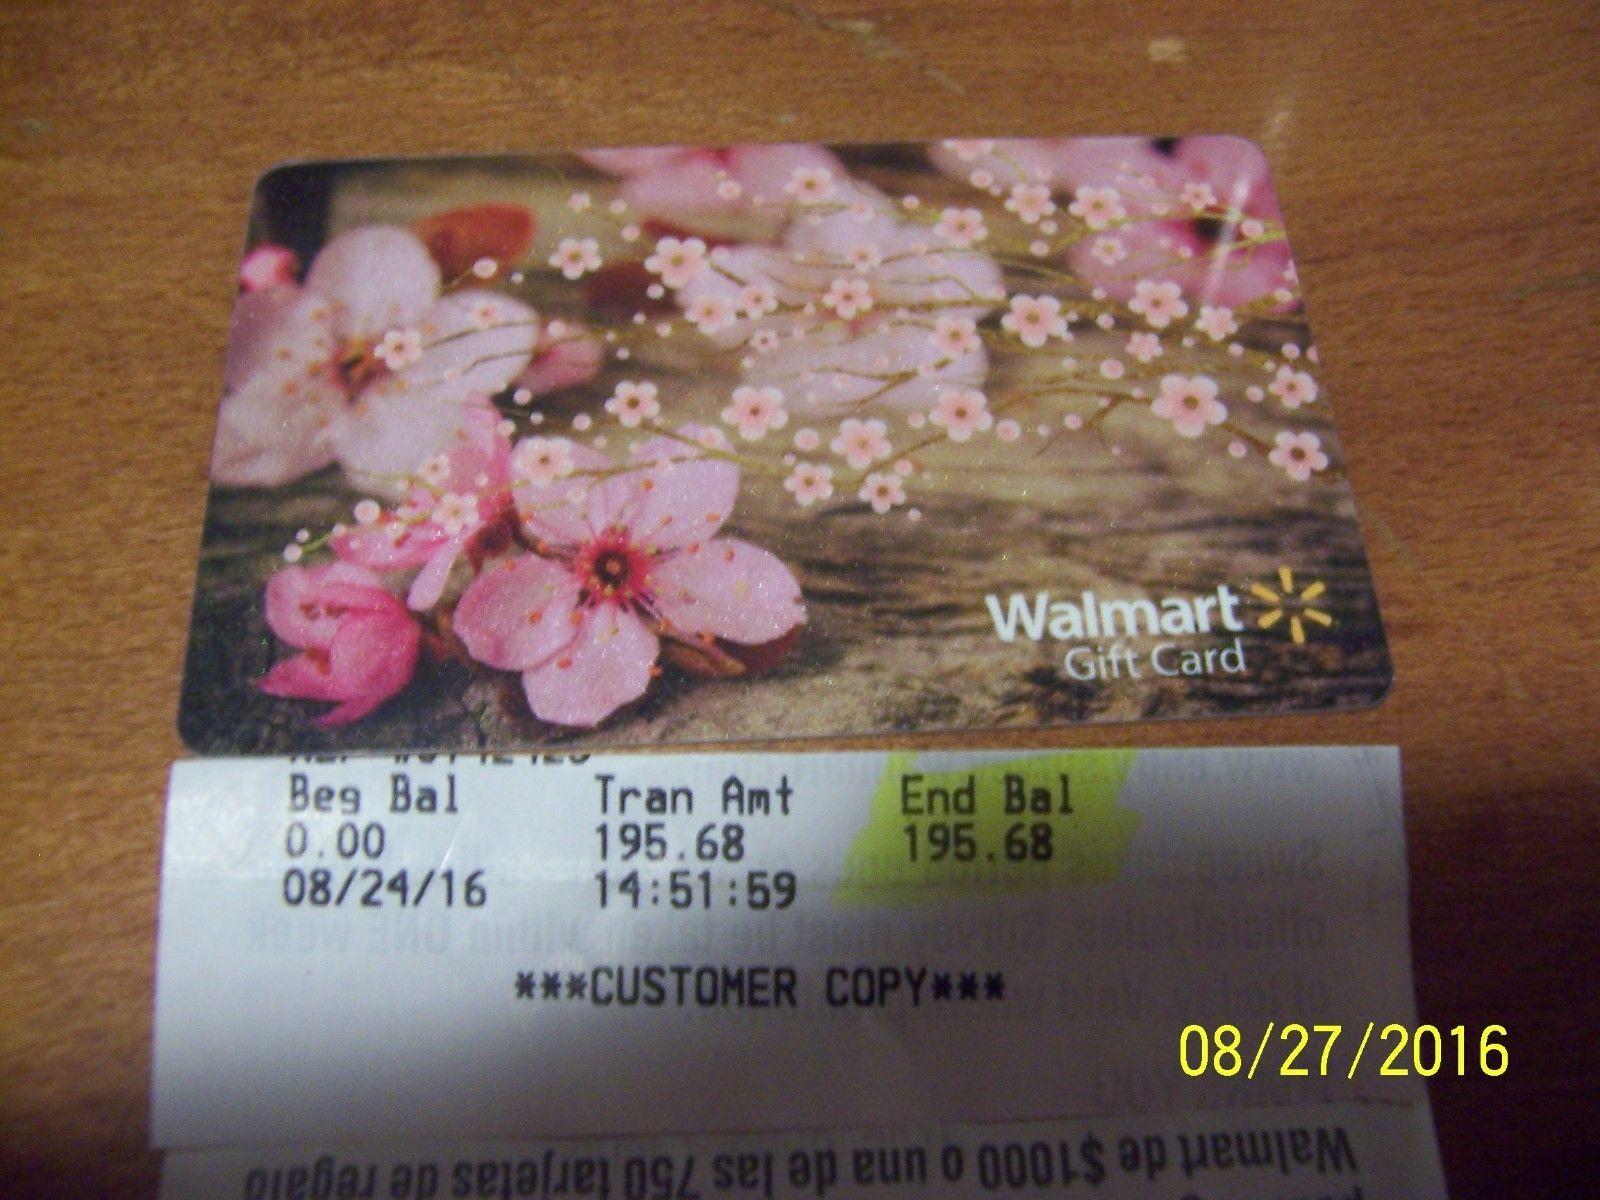 $195.68 WALMART GIFT CARD  https://t.co/N6cPmuXizr https://t.co/gtl1BaoUfx